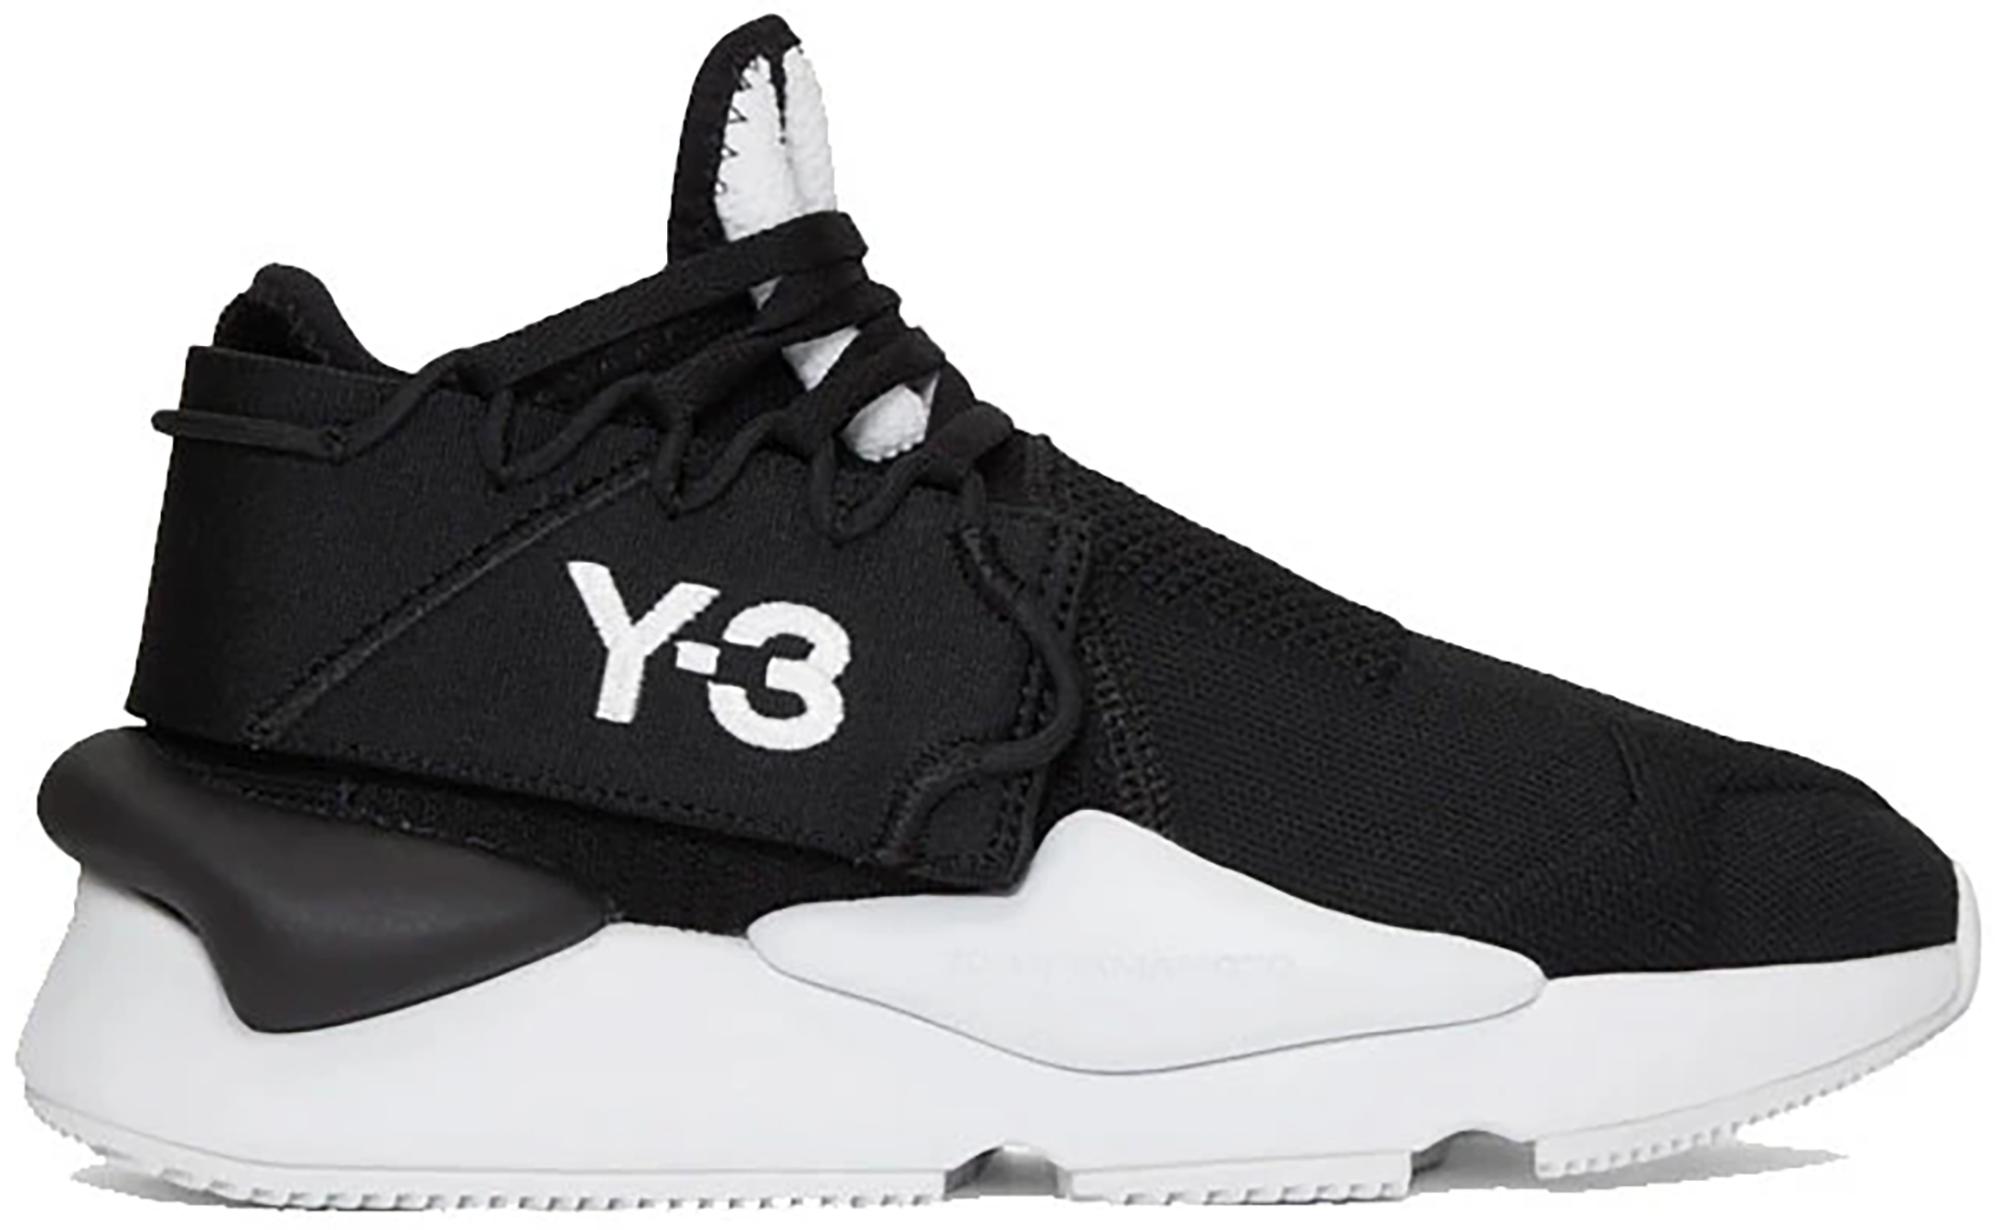 adidas Y-3 Kaiwa Knit Black White - F97424